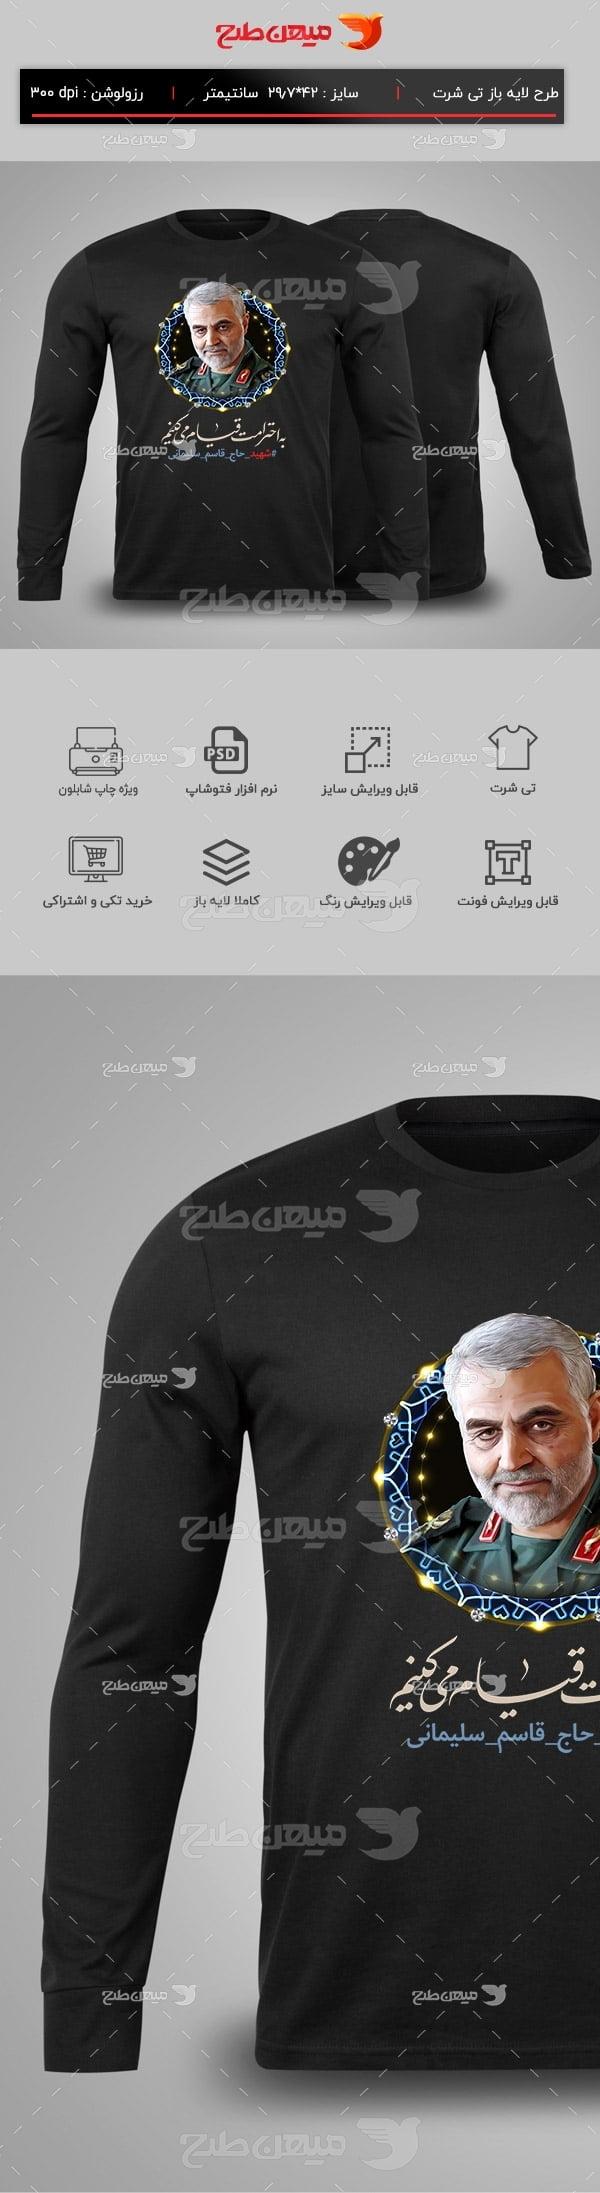 طرح لایه باز چاپ تی شرت ویژه شهادت سردار حاج قاسم سلیمانی